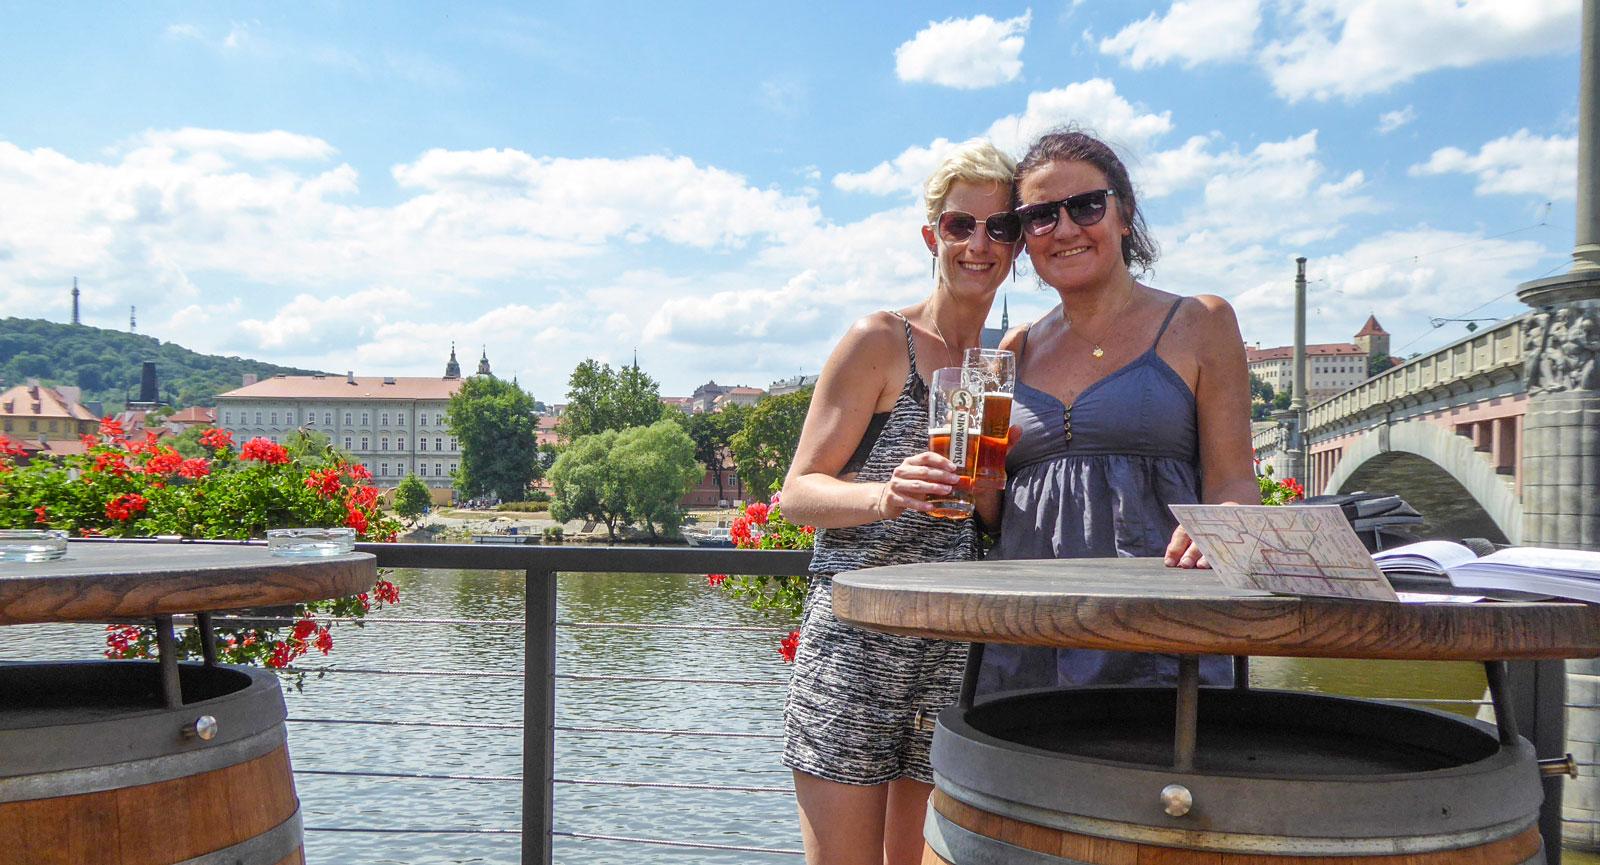 Anna och Debbie åkte på bröllopsresa med husbilen i Europa. Här i Prag.